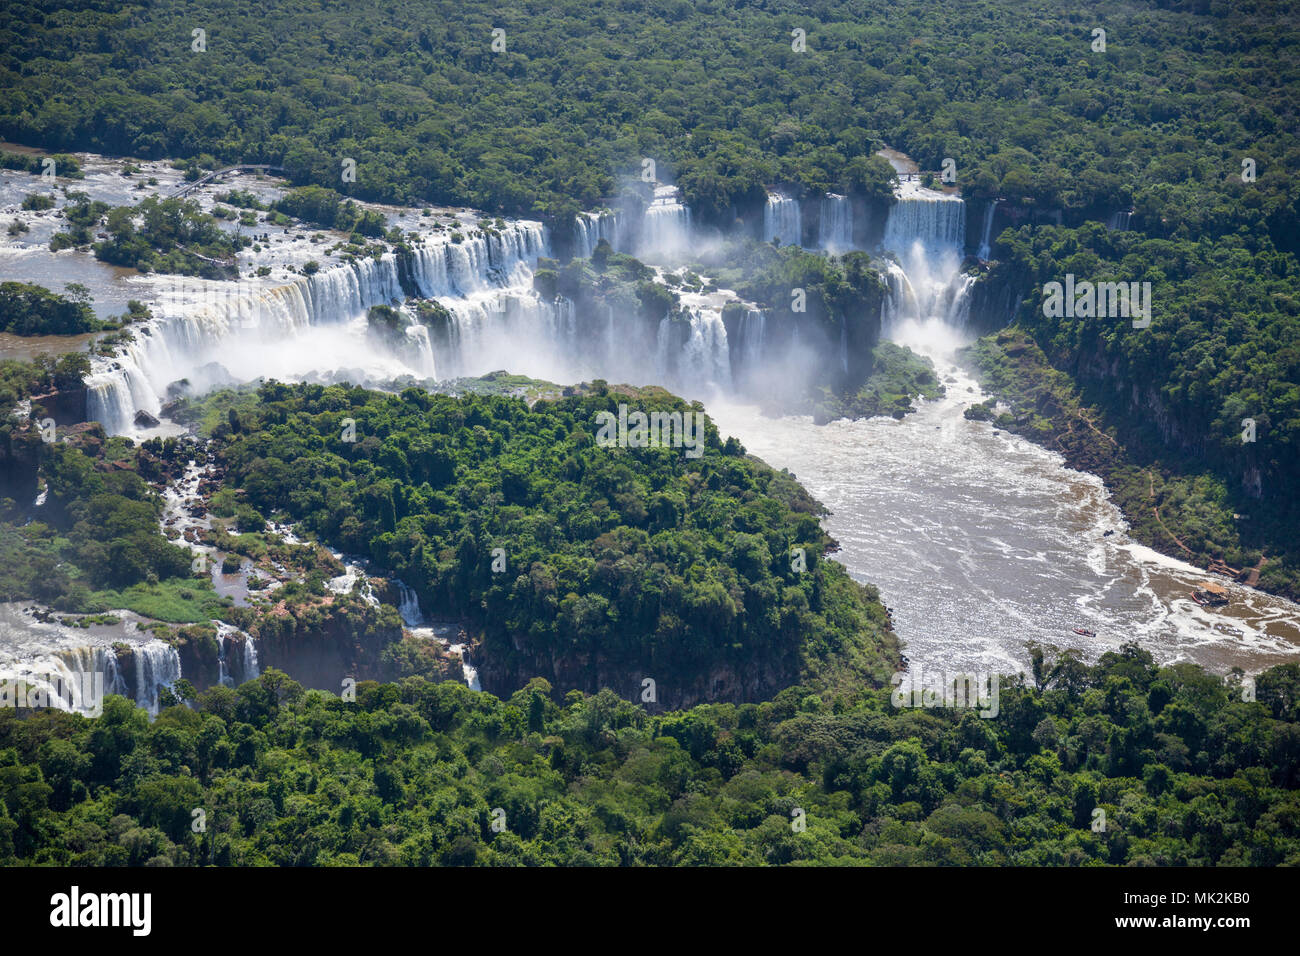 Vista aérea de las Cataratas de Iguazu o cataratas - el sistema de cascada más grande del mundo en la frontera de Brasil una Argentina Imagen De Stock